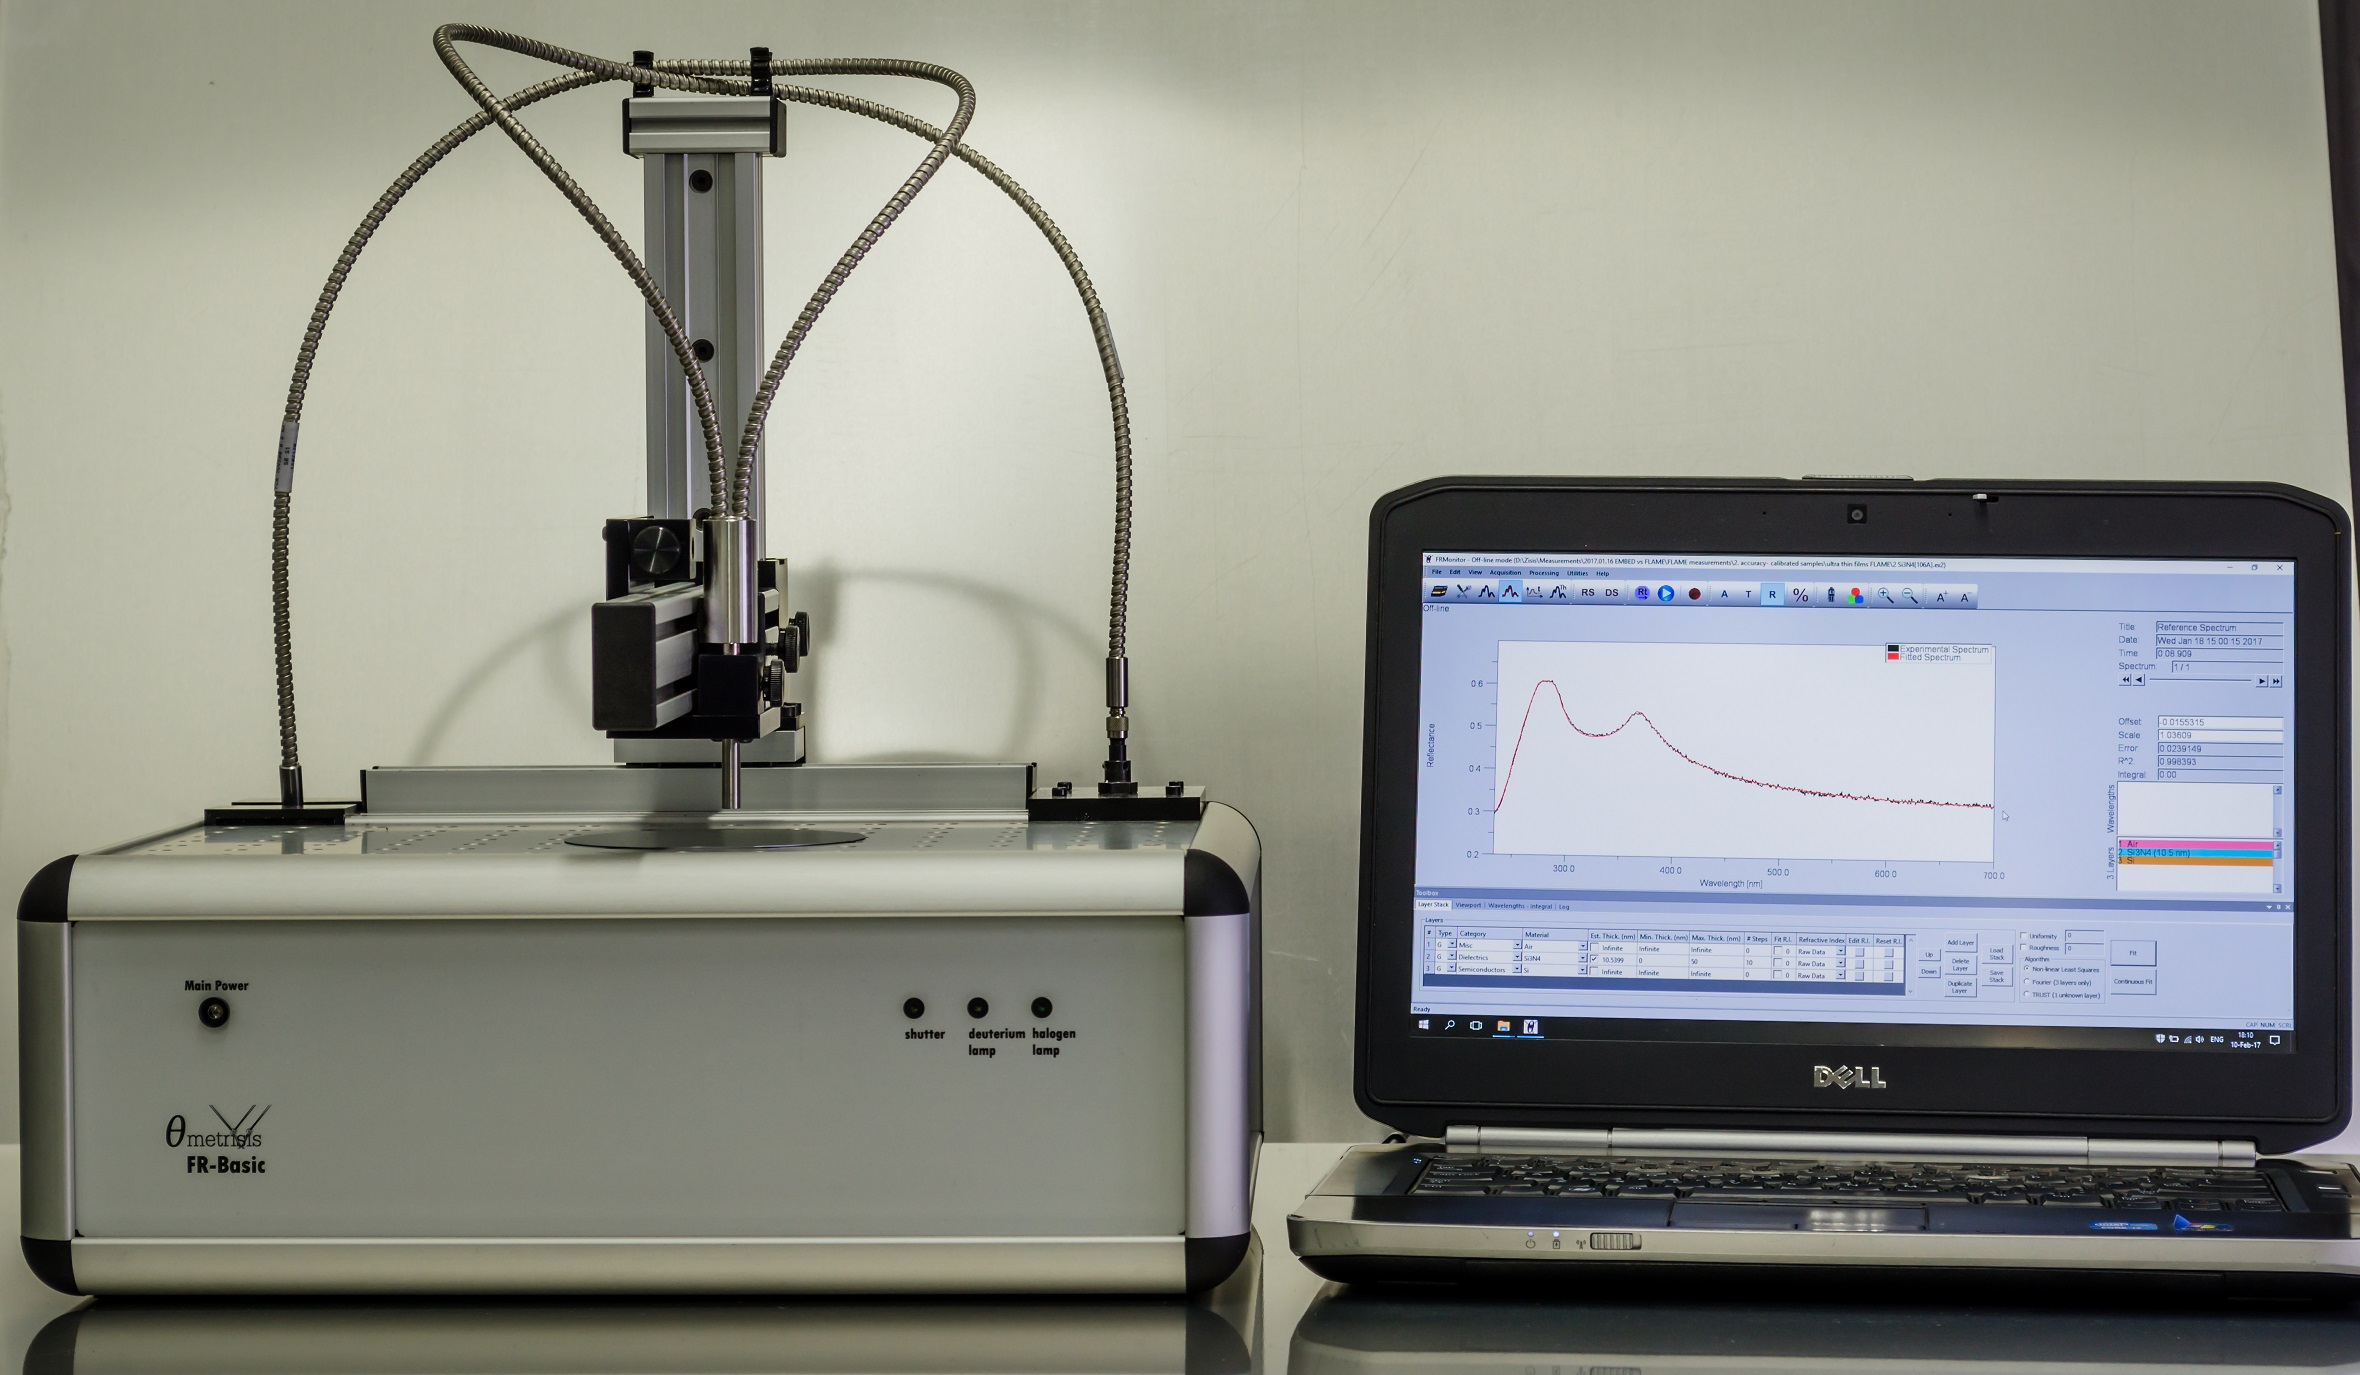 薄膜测厚仪FR-Basic UV/NIR-HR